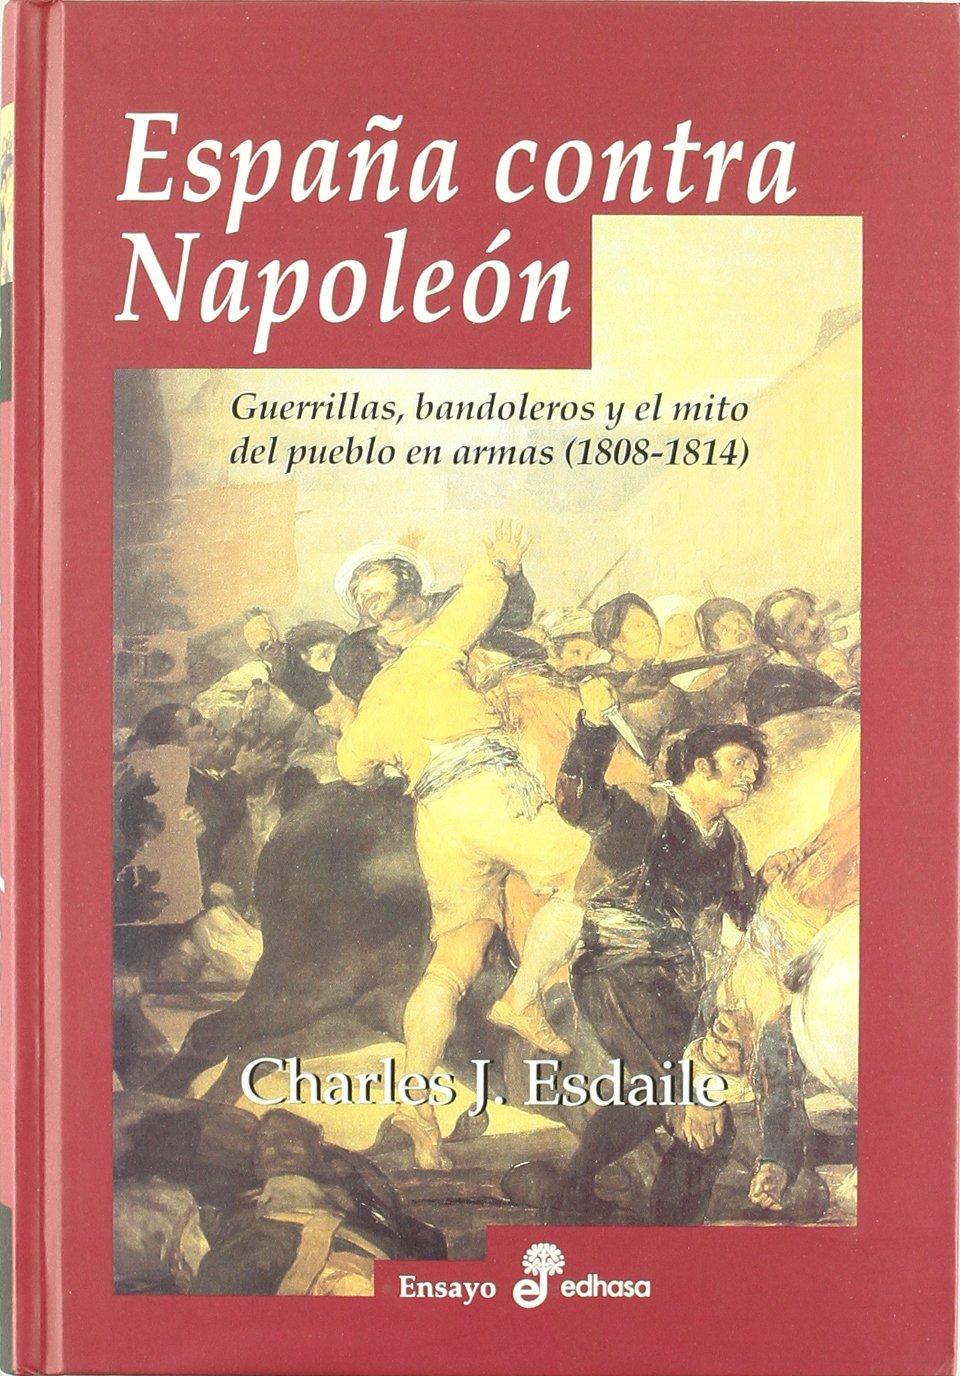 Espa¤a contra Napole¢n (Pocket): Amazon.es: Esdaile, Charles J., Alonso, Ignacio: Libros